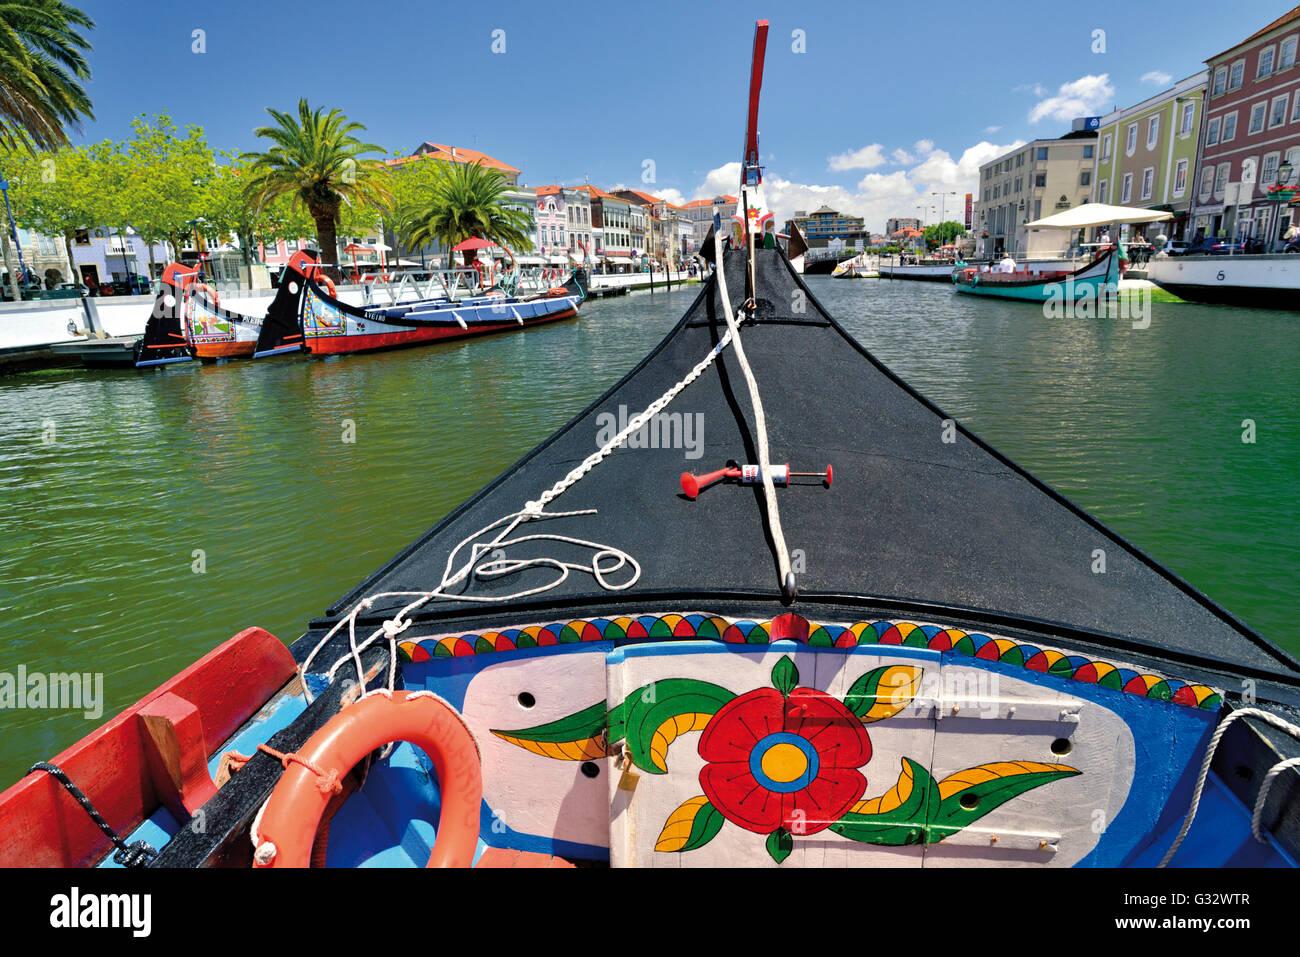 Portugal: viaje en barco con un tradicional barco Moliceiro en el Canal channal central del agua en el centro de Imagen De Stock